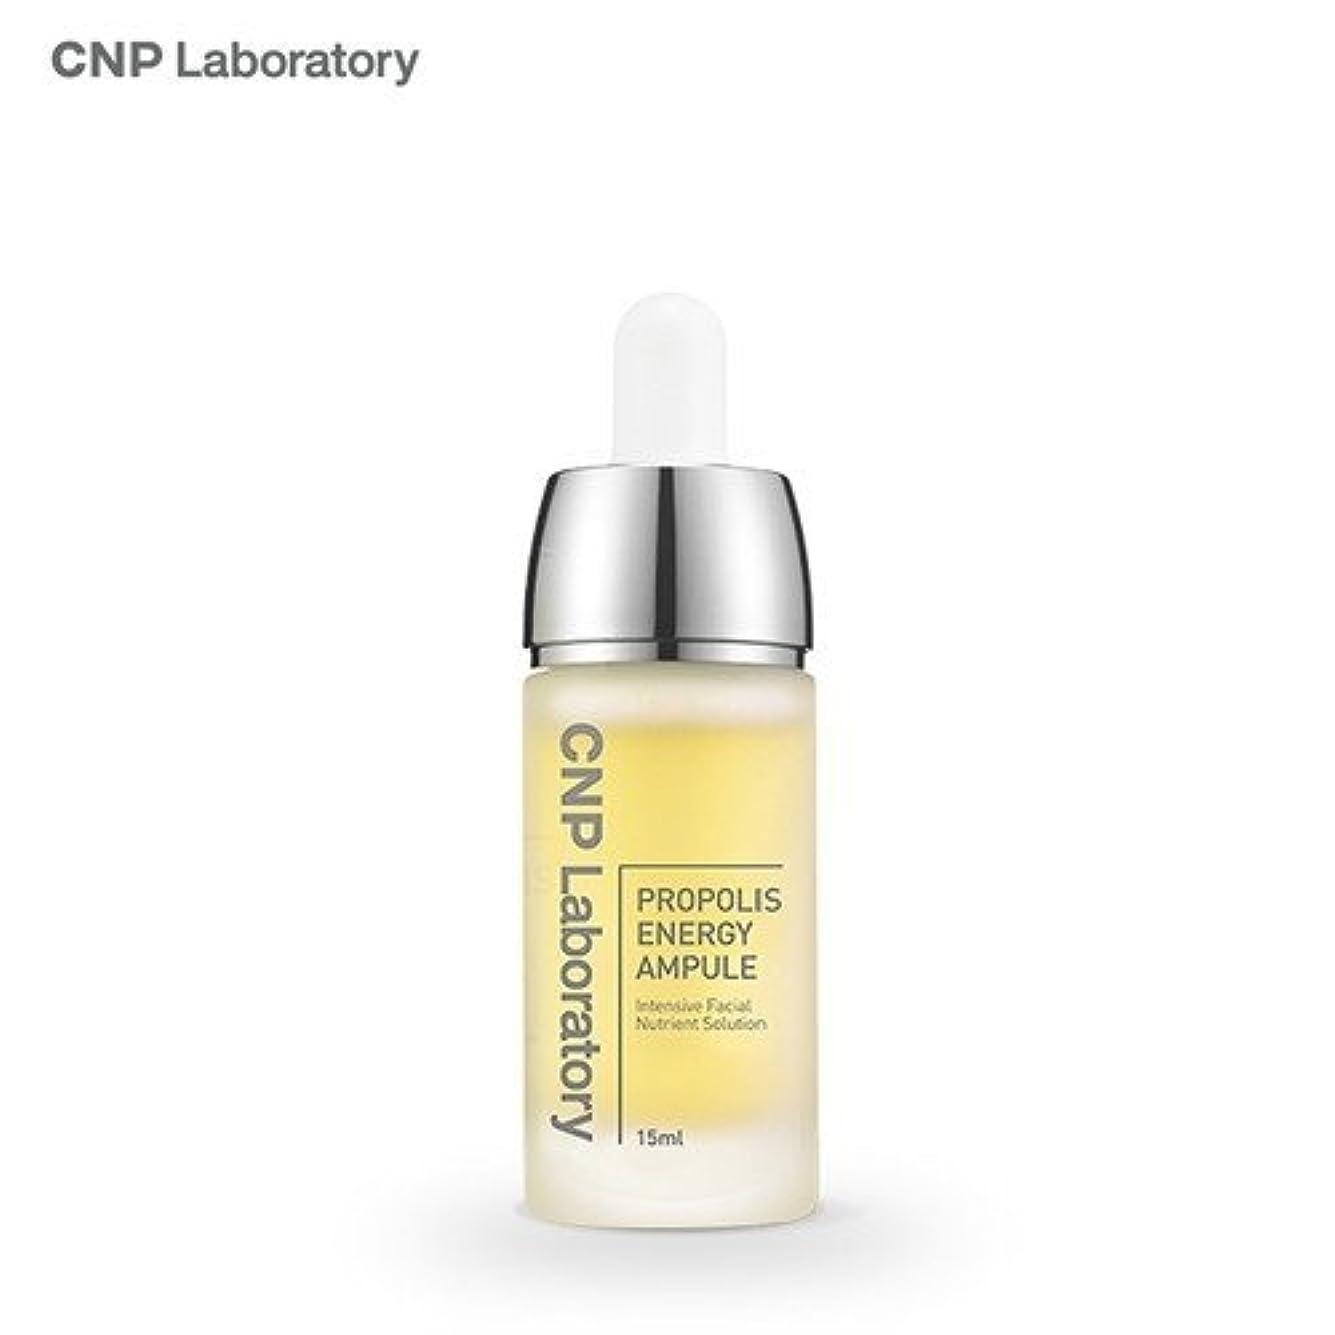 ピースどうやら国民チャエンパク プロポリスエネルギーアンプル 15ml / CNP Propolis Energy Ampule, Intensive Facial Nutrient Solution 15ml